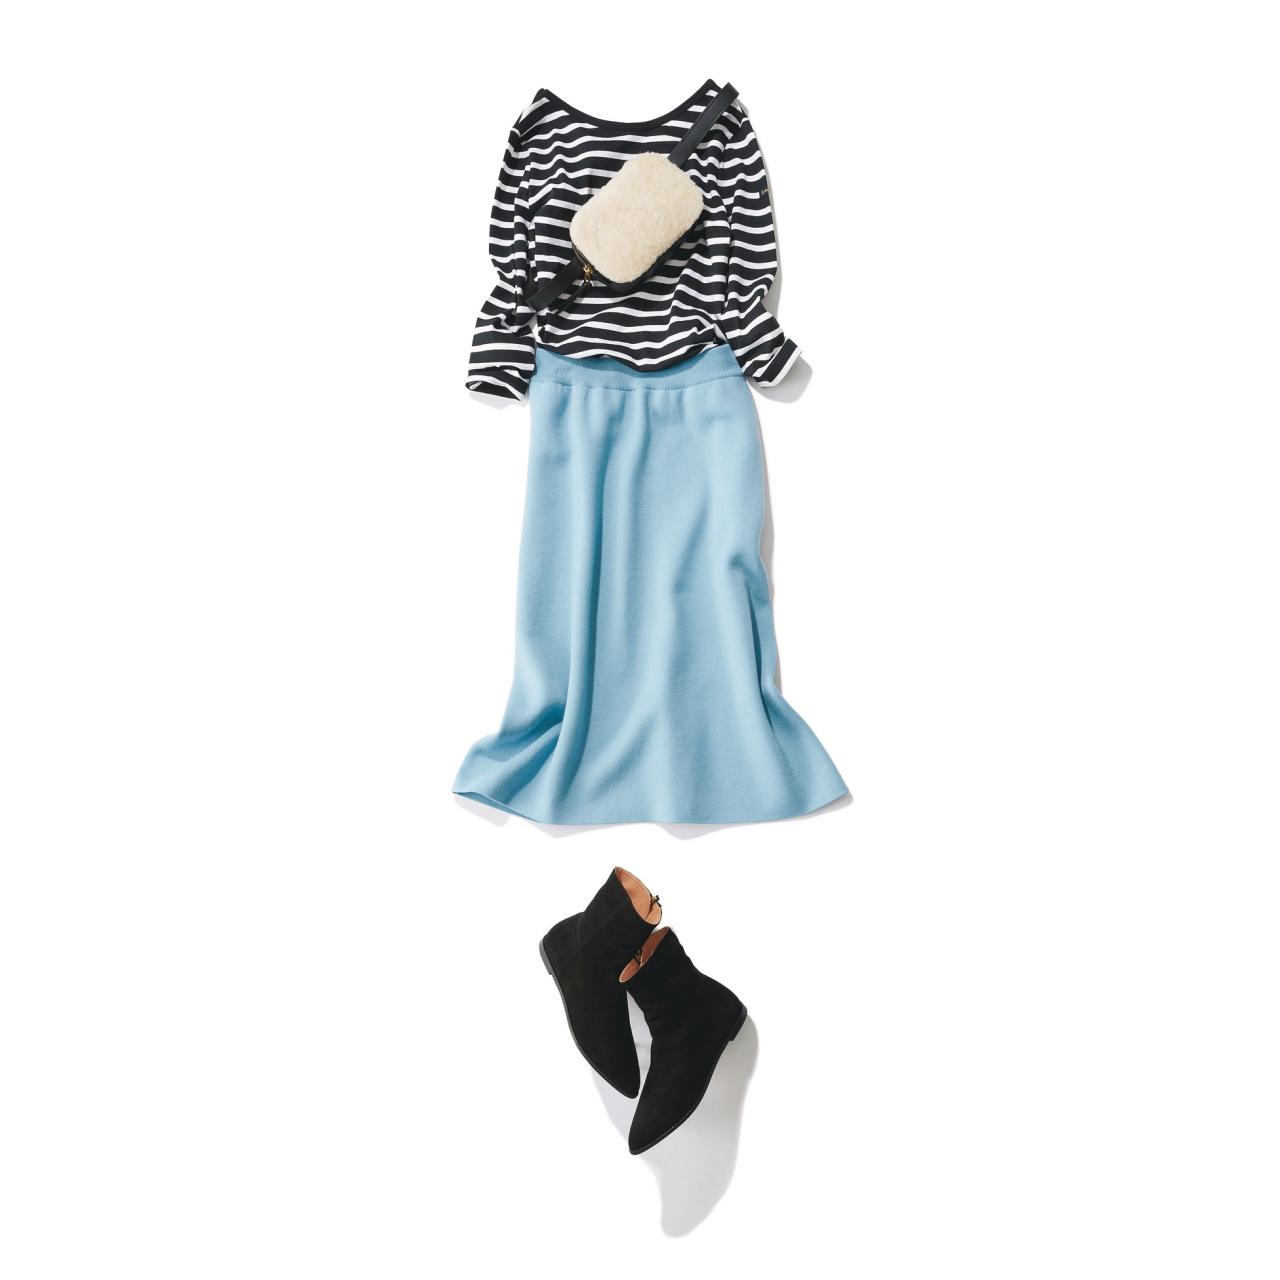 ボーダートップス×水色スカートのファッションコーデ